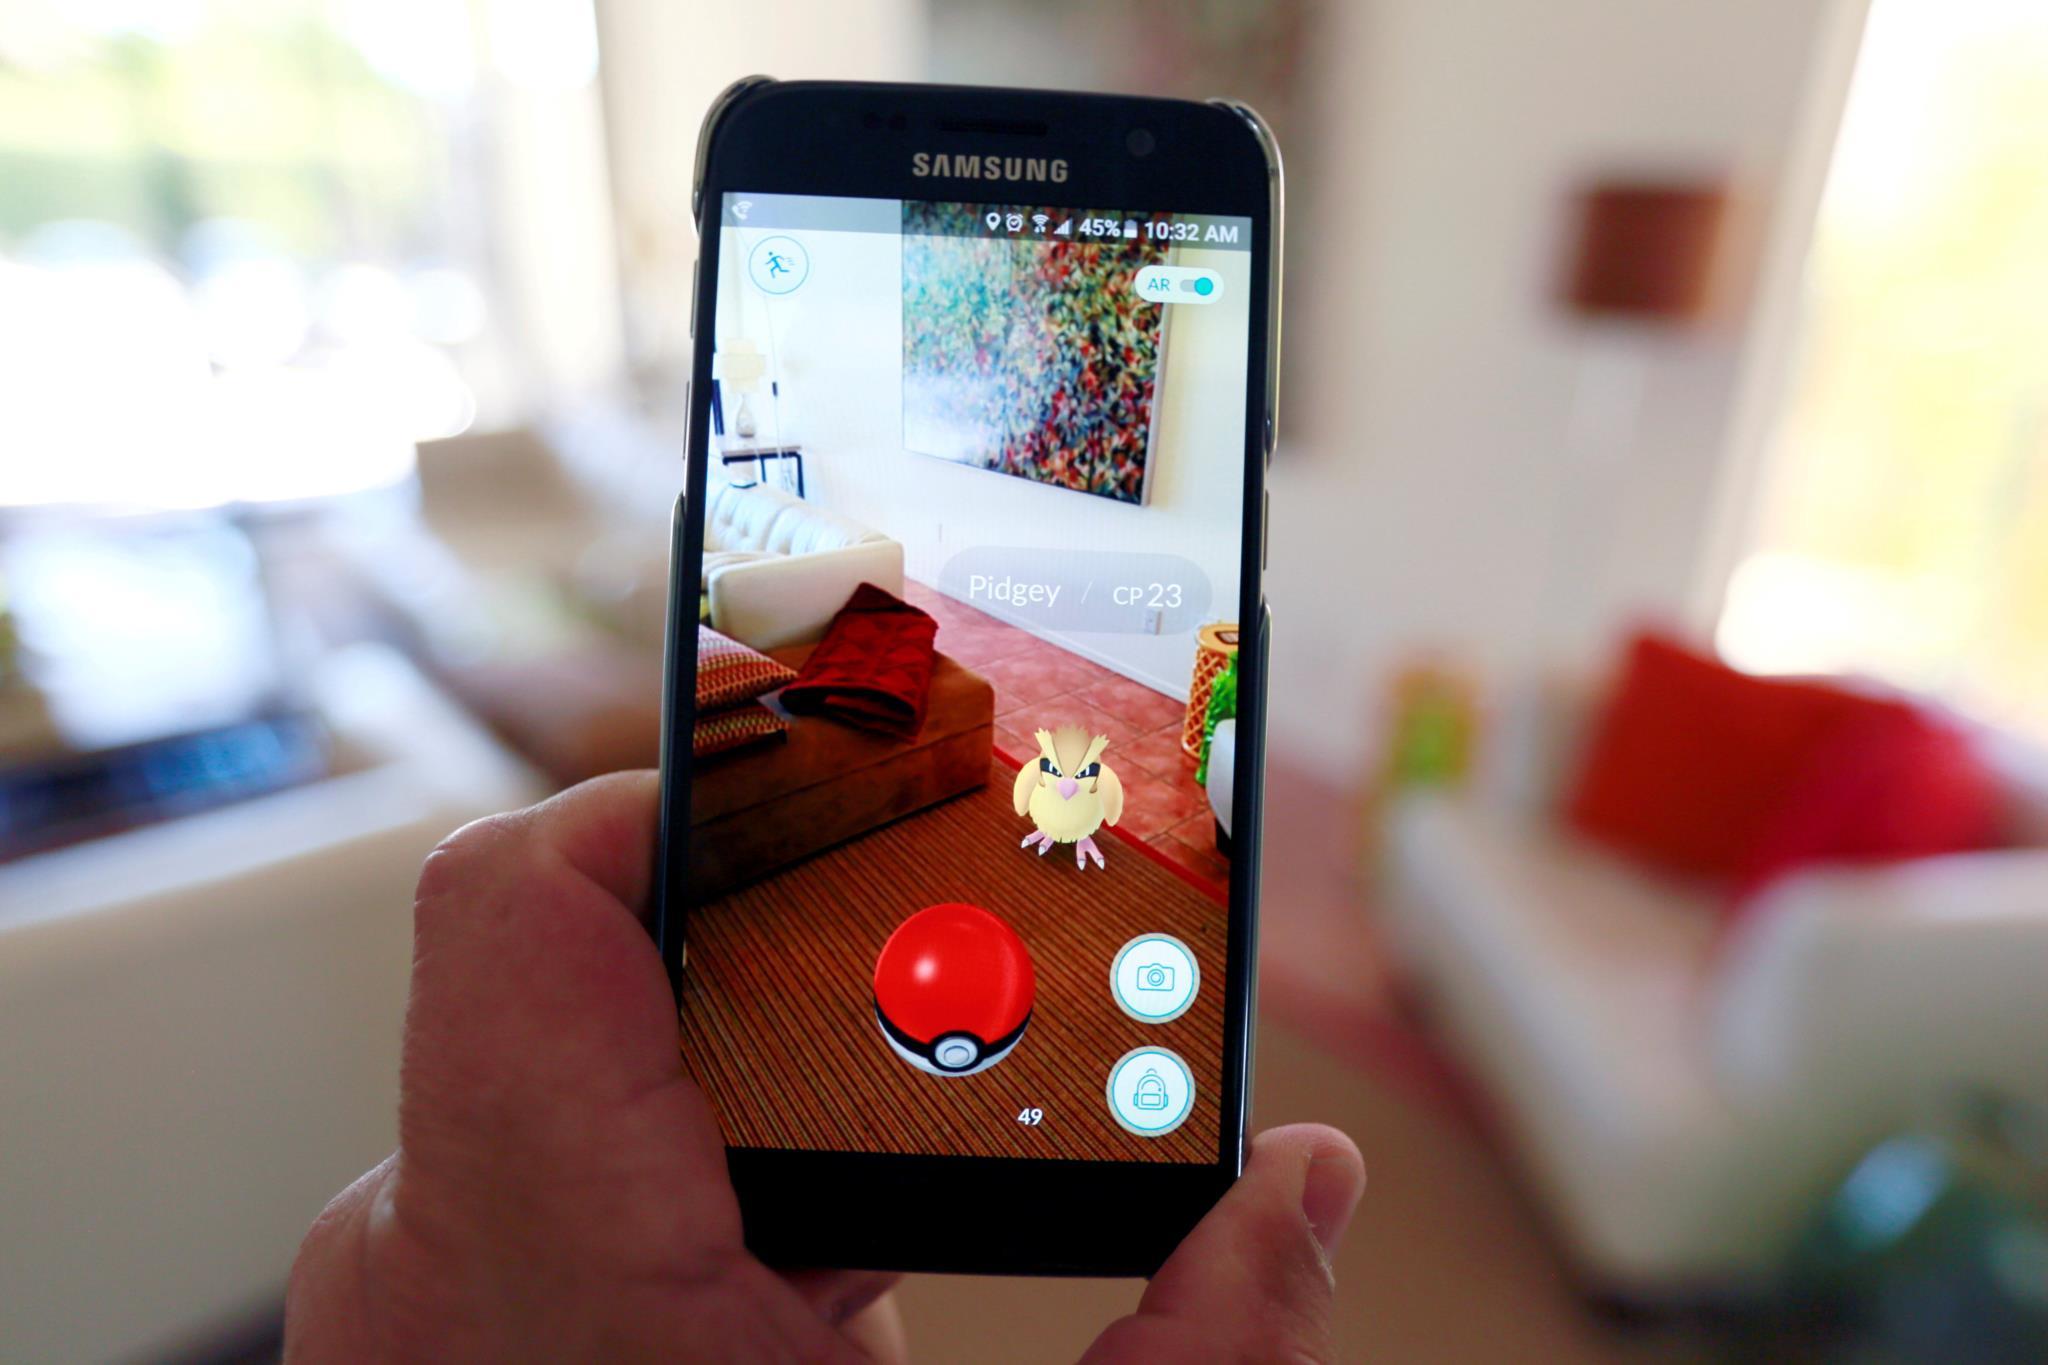 Imagem de Em busca de exclusivos, Samsung investe dinheiro em produtora de Pokémon Go no tecmundo